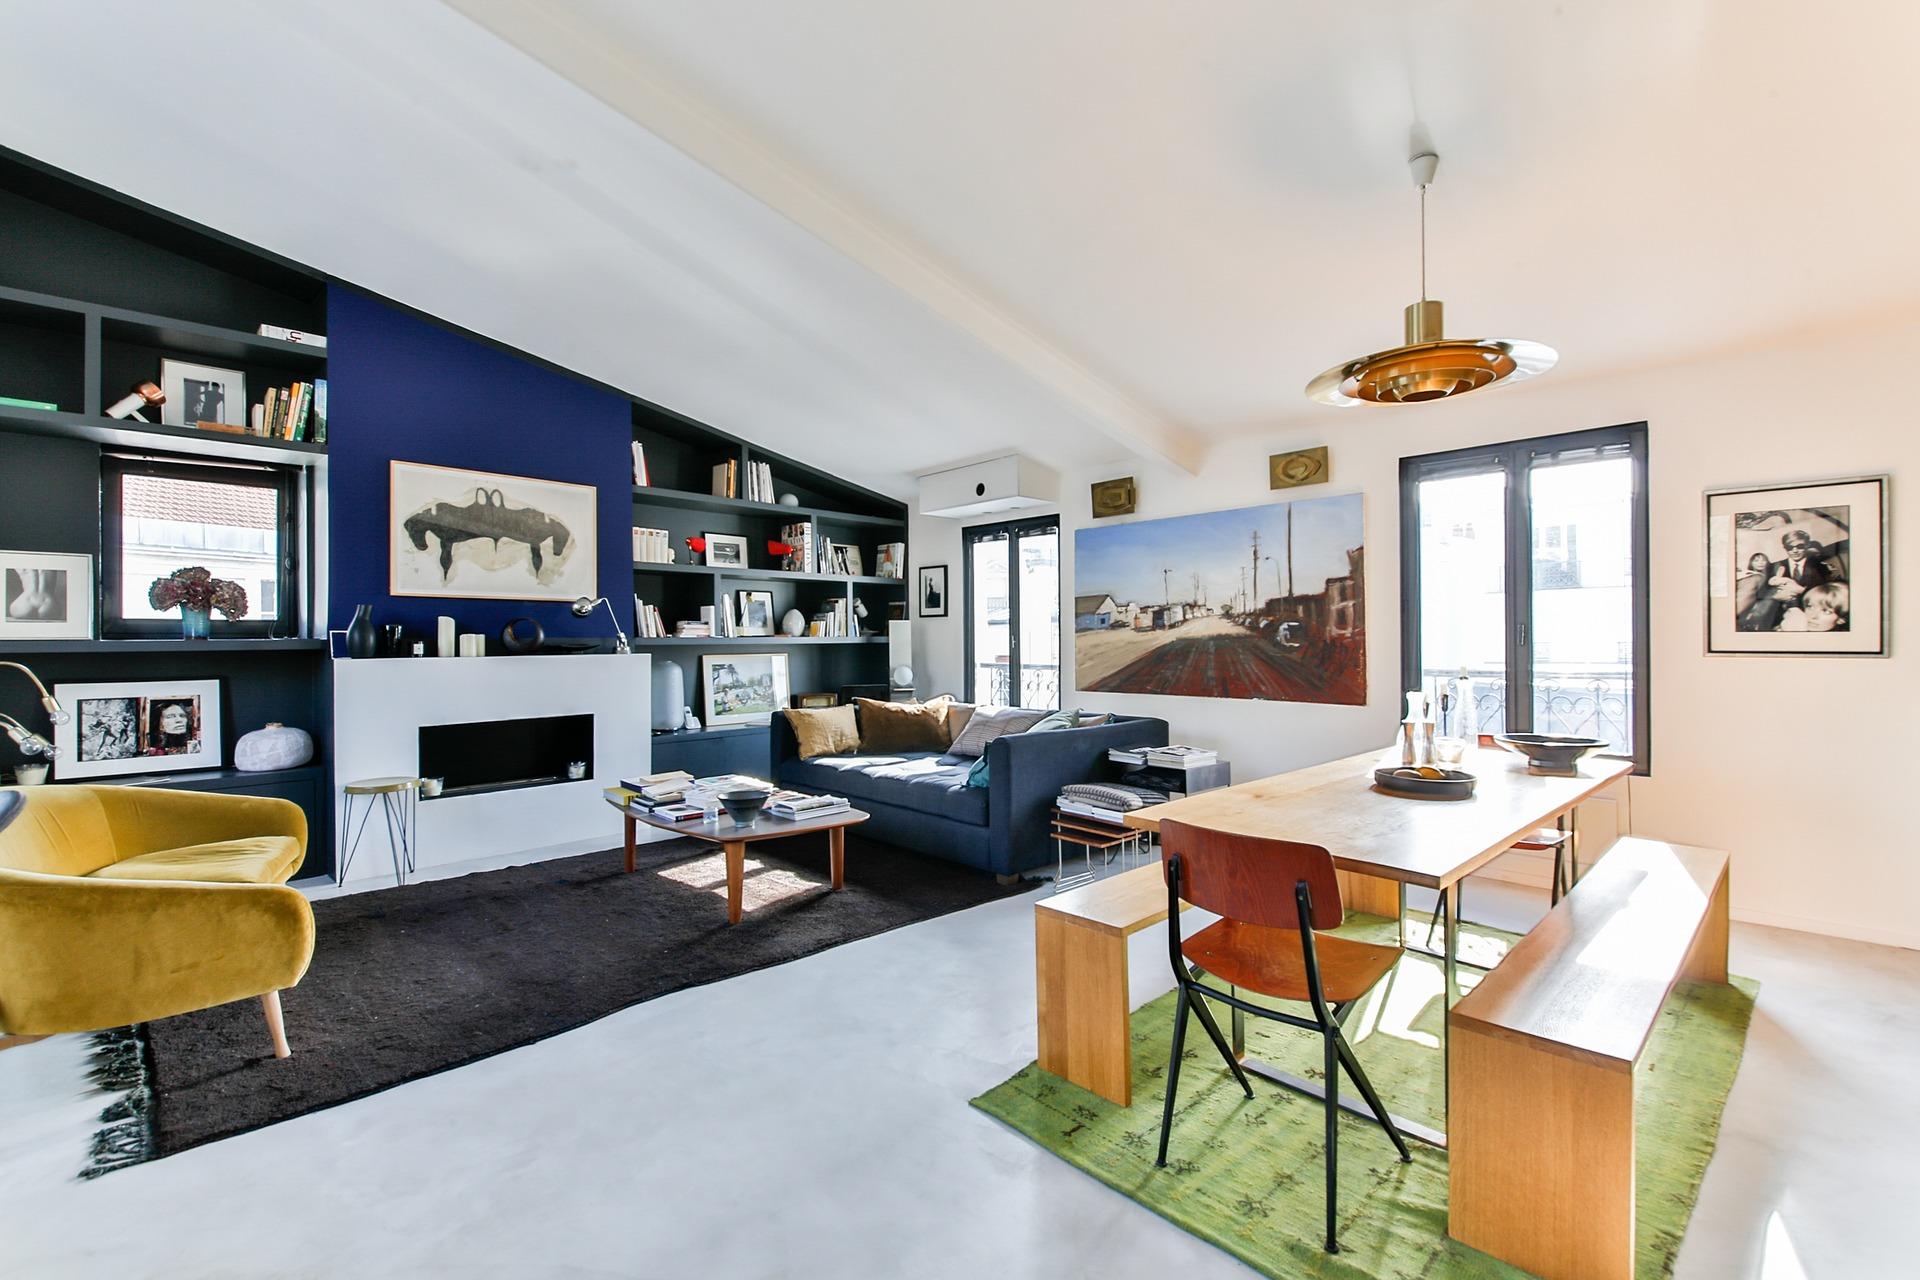 100016_Livingroom_Modern_Eclectic.jpg